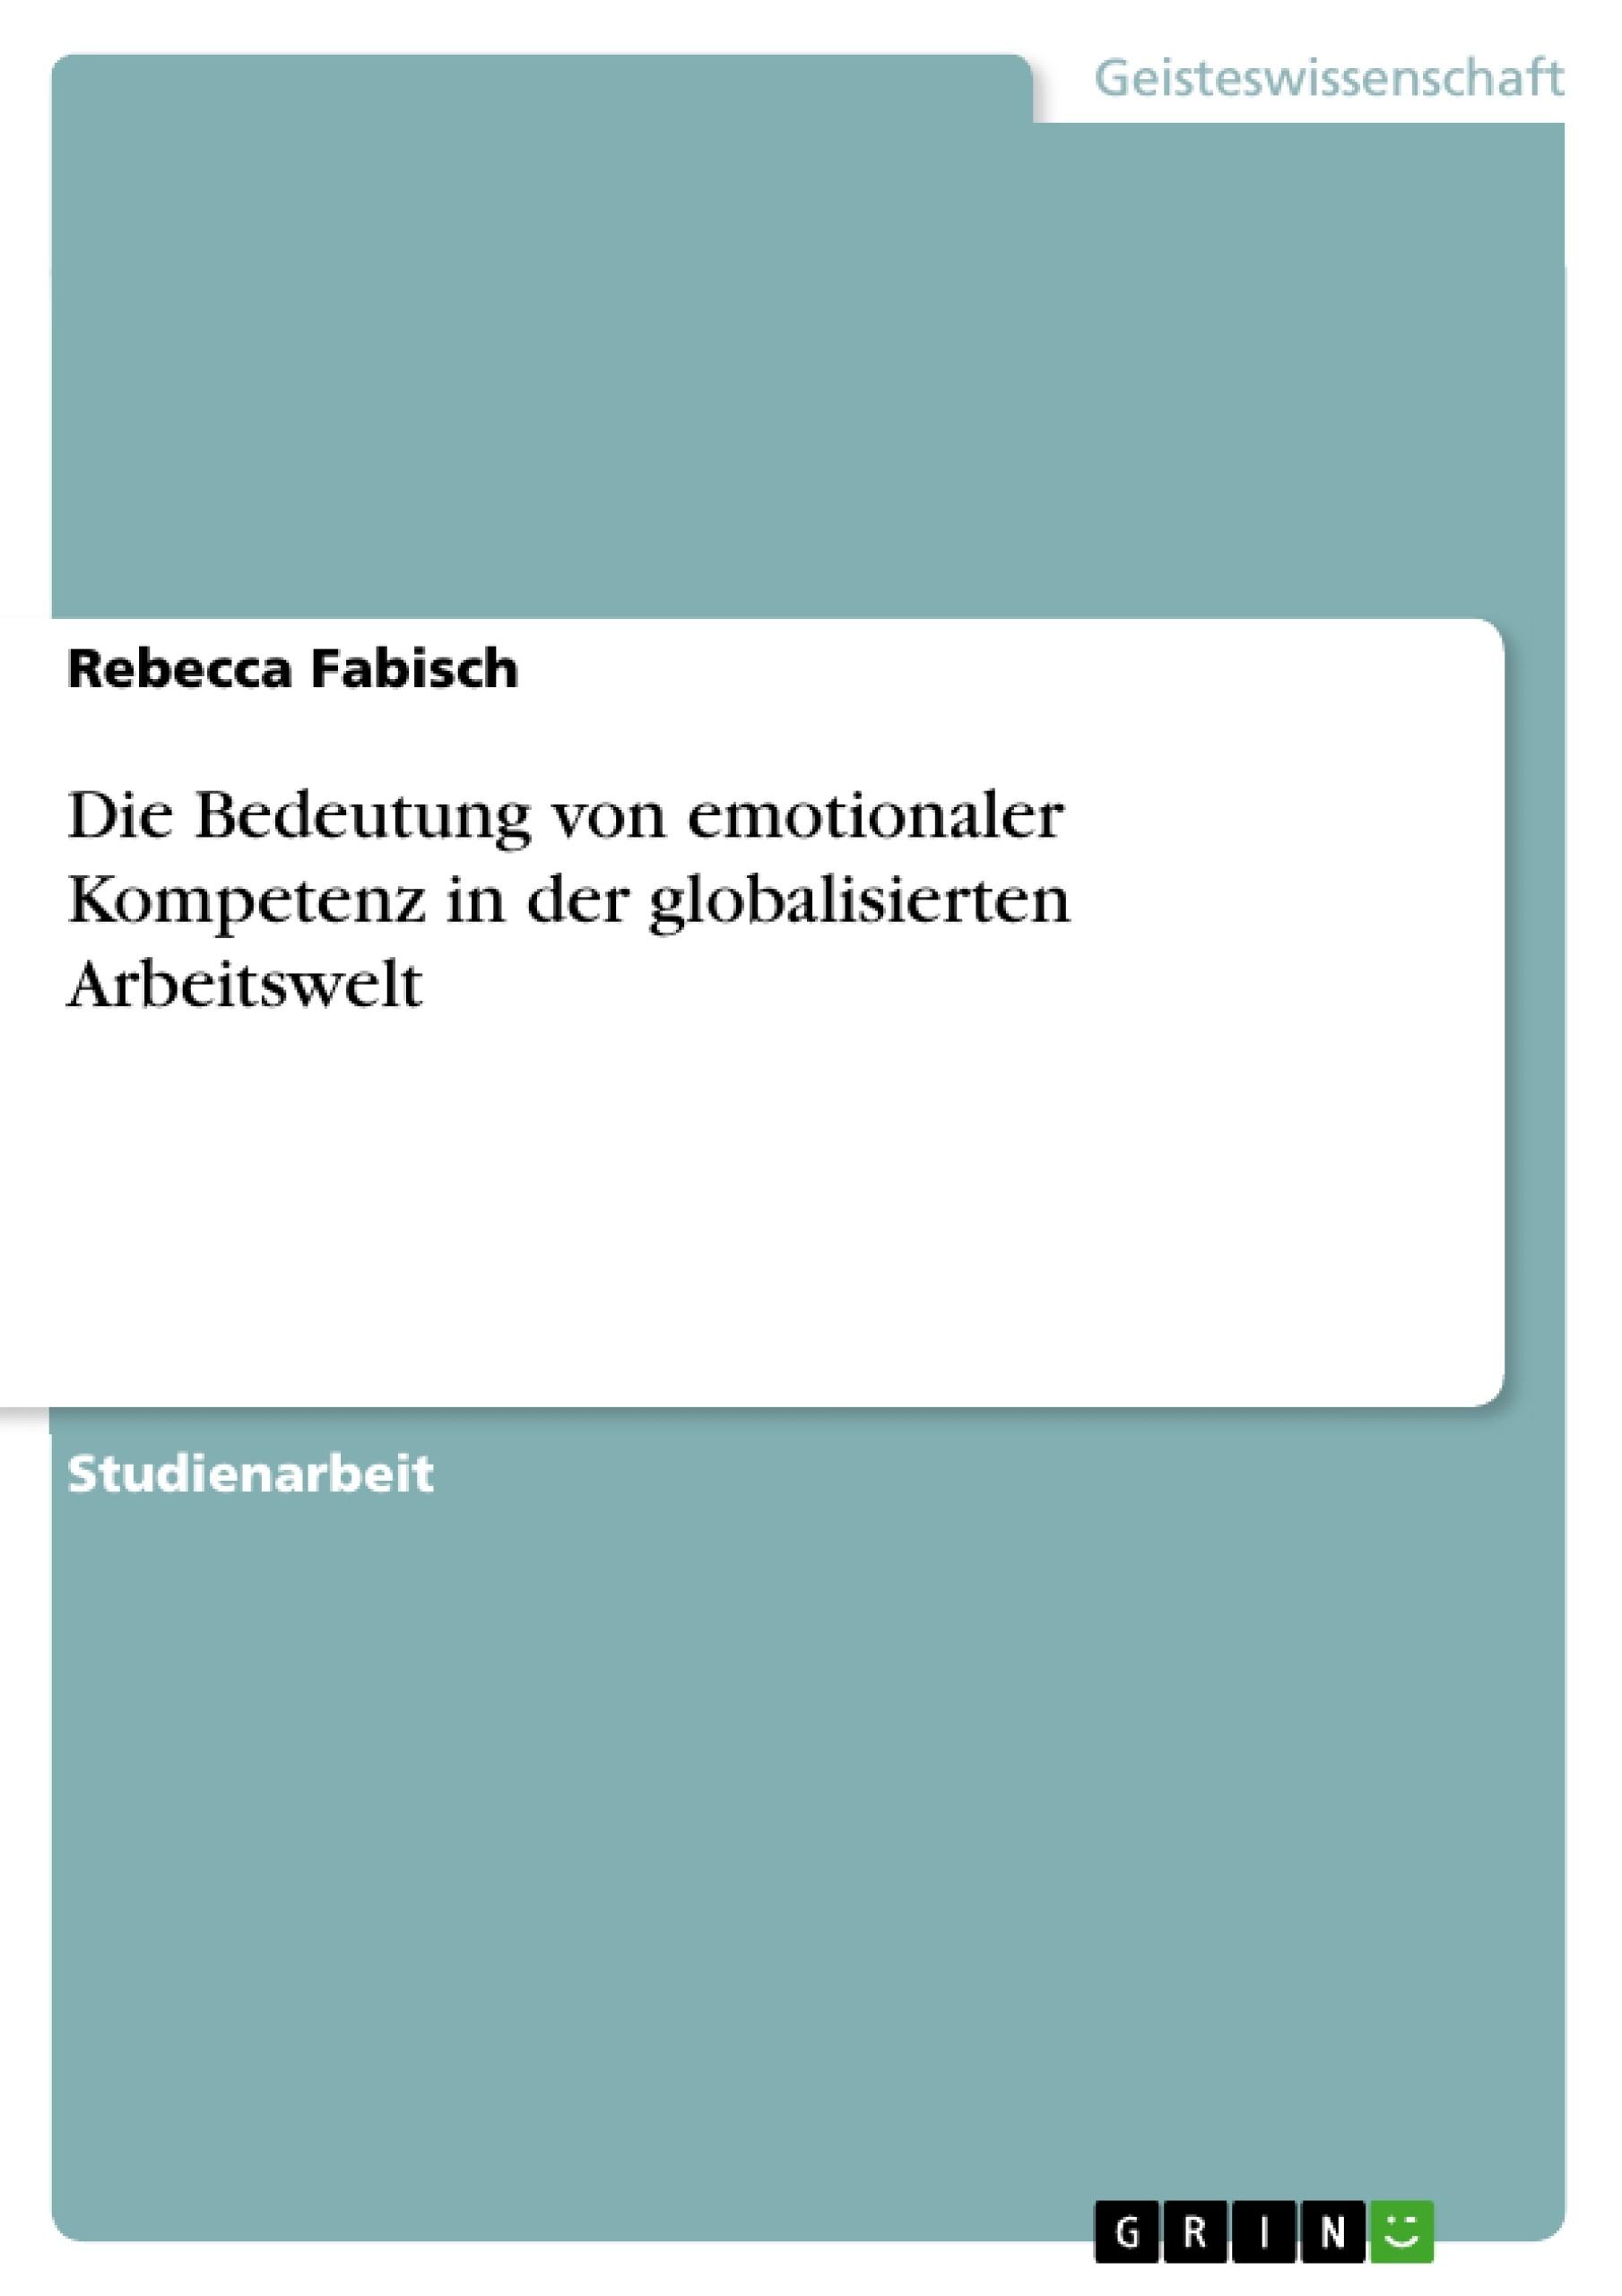 Titel: Die Bedeutung von emotionaler Kompetenz in der globalisierten Arbeitswelt